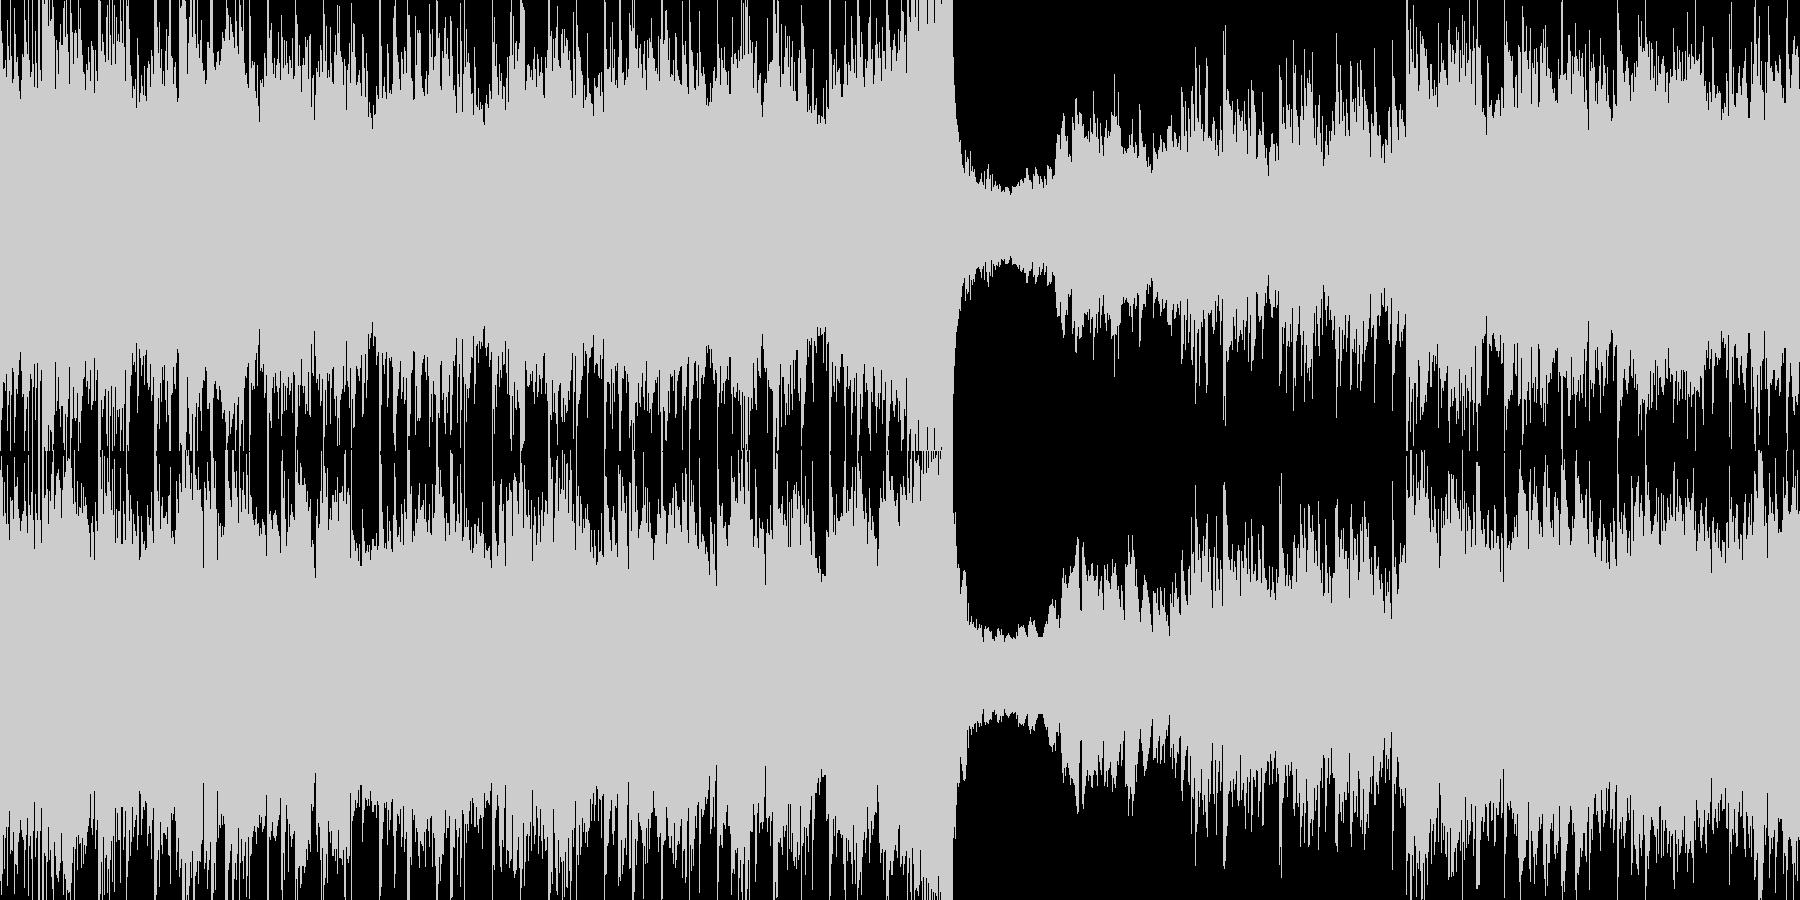 60秒ジャストのわくわくする楽しい曲の未再生の波形